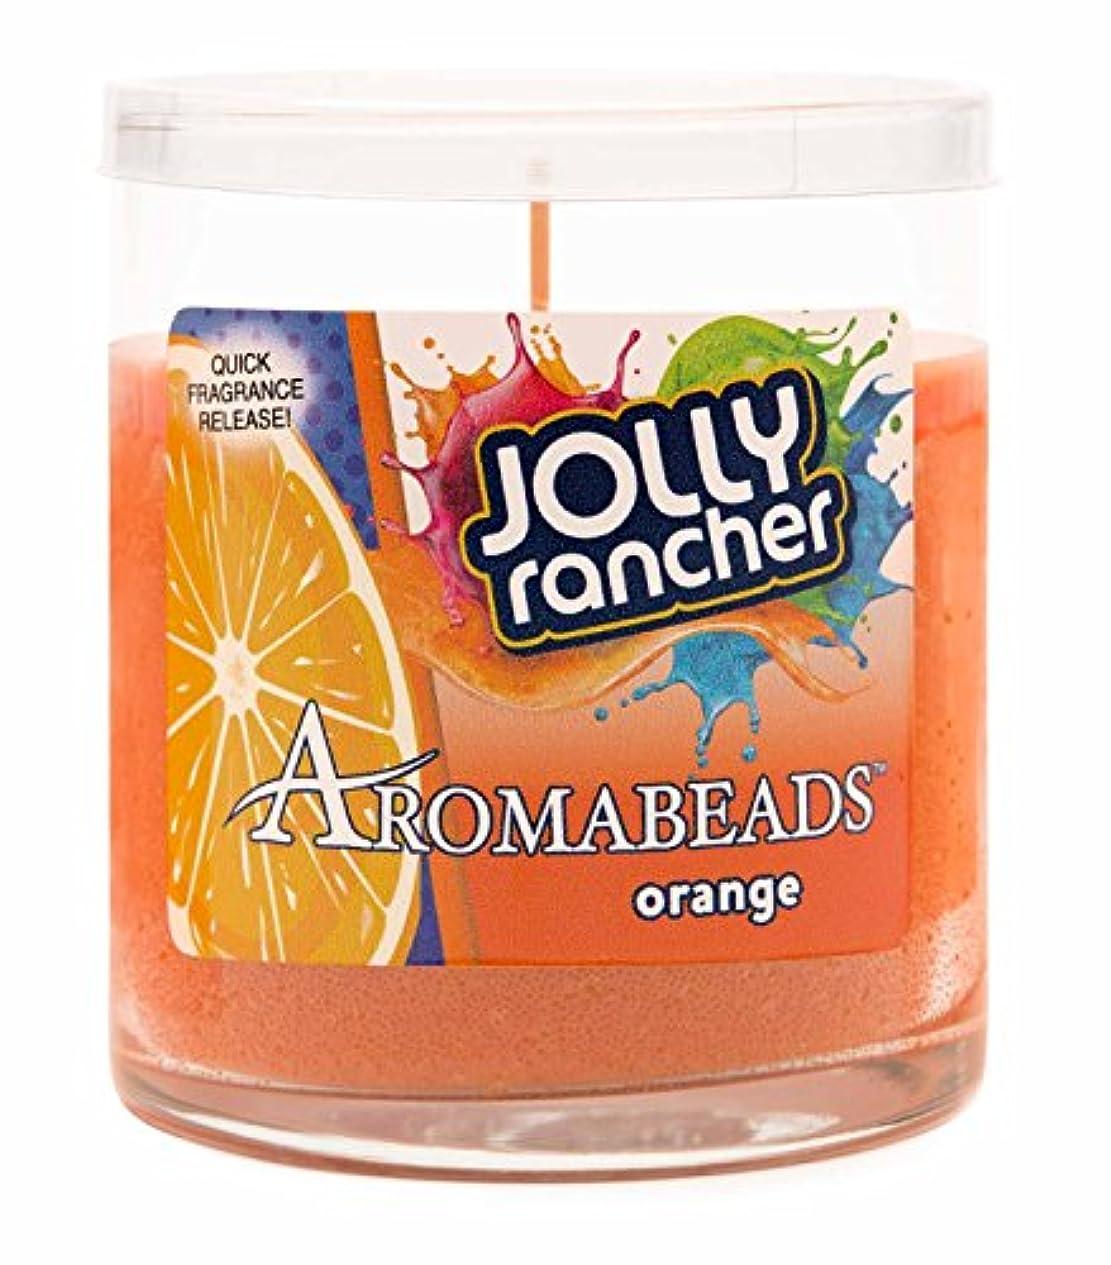 専門ナイロン拘束するHanna 's Aromabeads 6oz Hershey 's Candy Scented Candle オレンジ